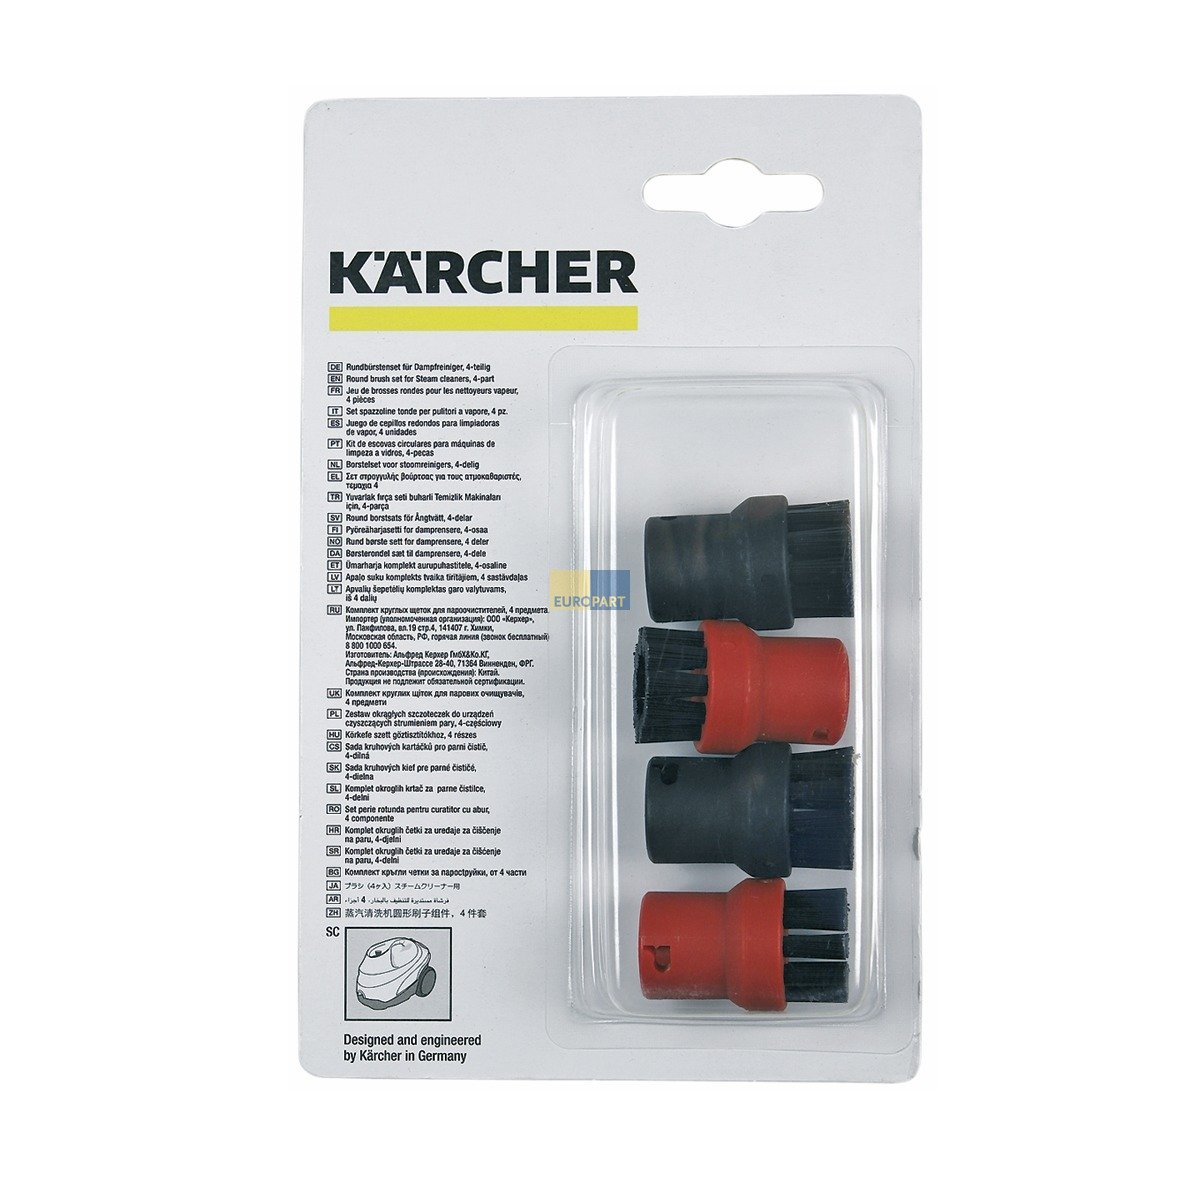 Kärcher 2.863-058.0 4x ORIGINAL Aufsatzdüse Rundbürste Borstenkranz für Punktstrahldüse z.T. SC1.030B SC1020 SC1202 SC1402B SC1475Jubilee EU SC1702 SC952 SI2125 Dampfreiniger auch 2.863-077.0